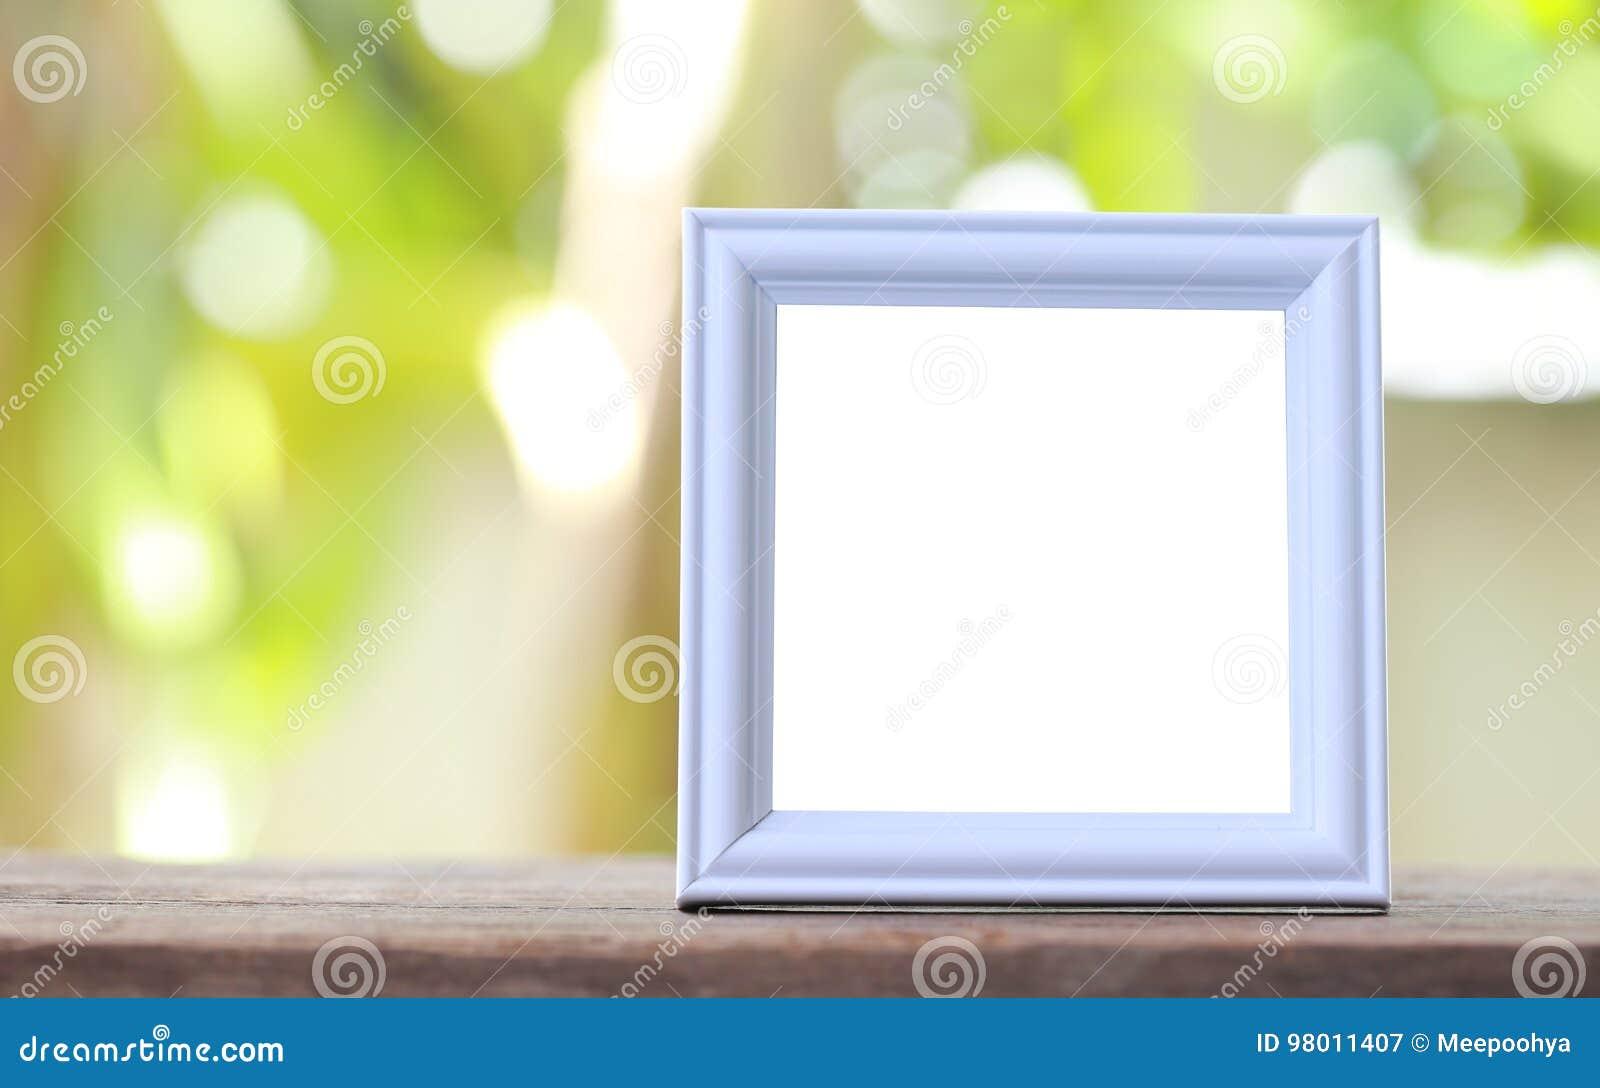 Moderner Bilderrahmen Gesetzt Auf Einen Bretterboden Stockbild ...